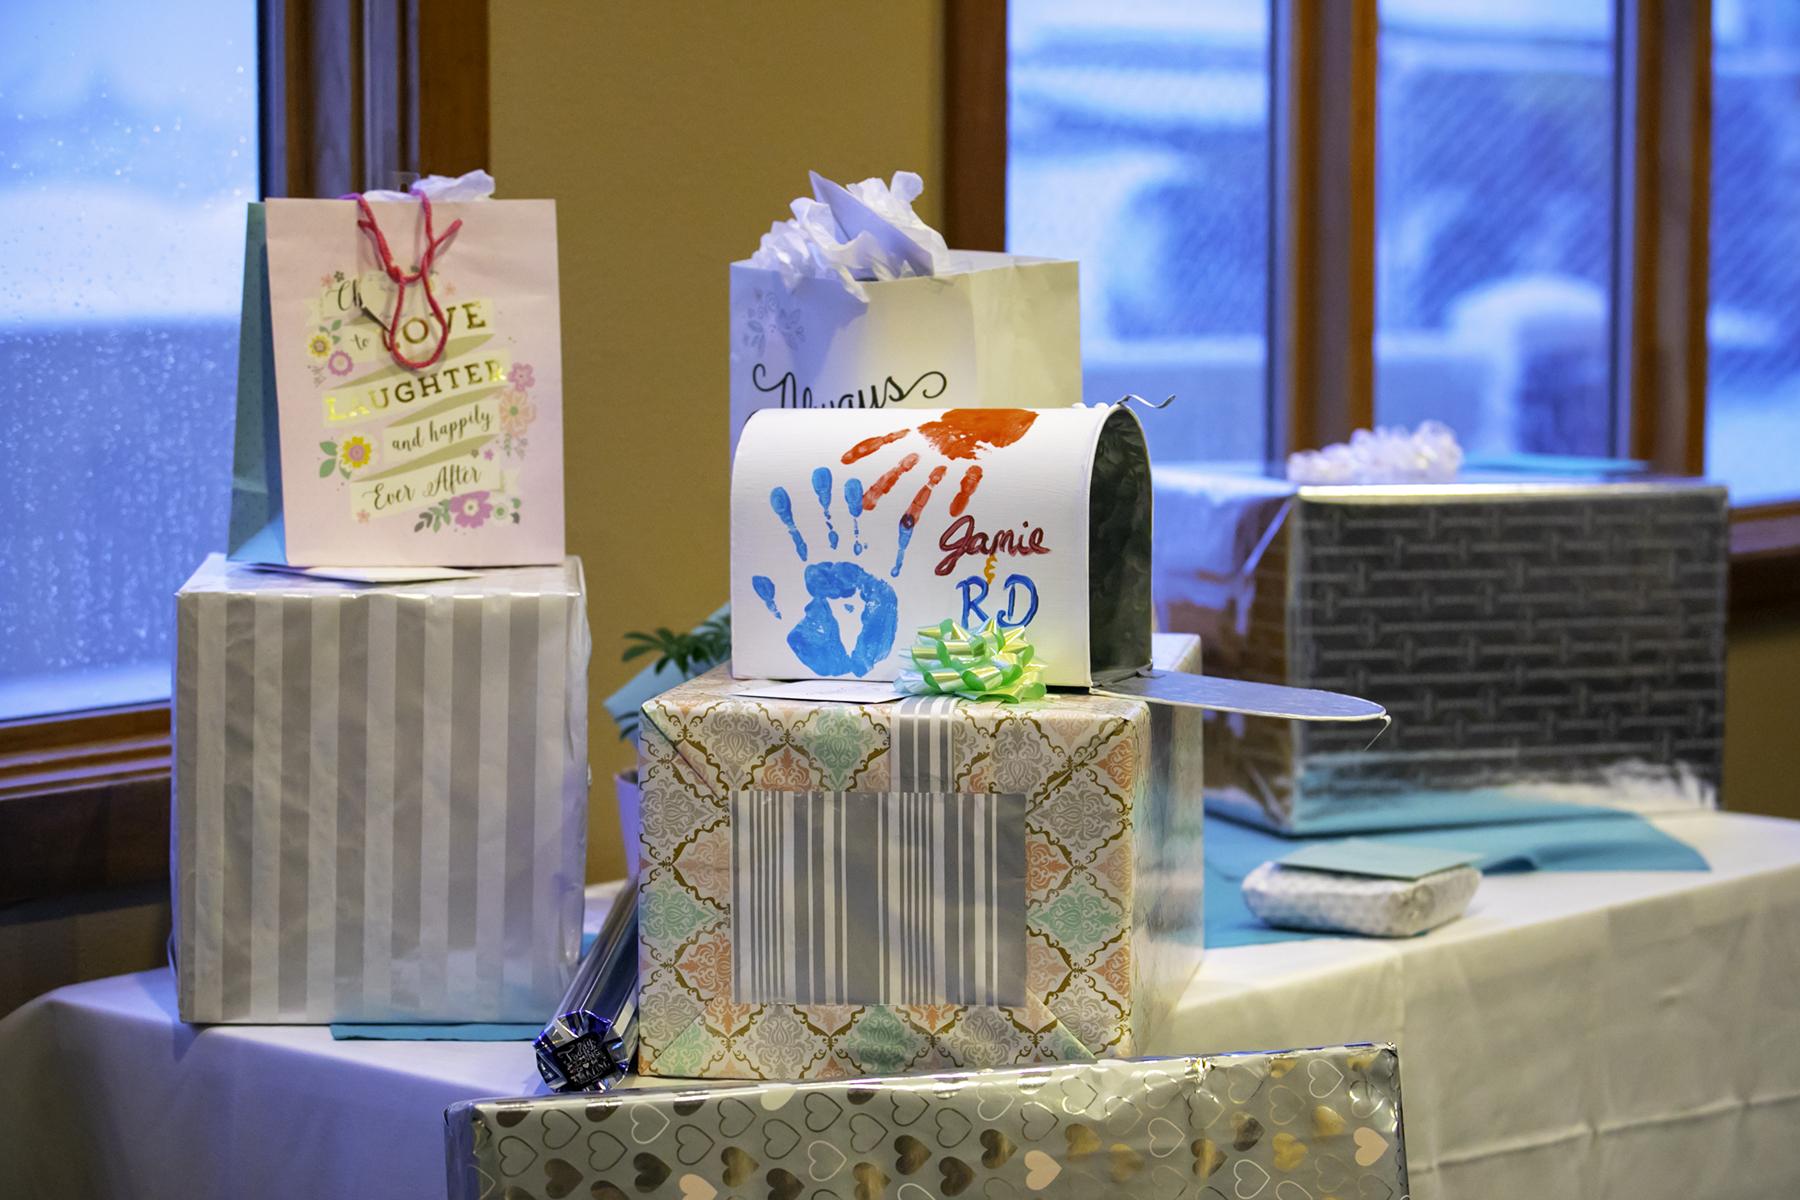 RD-_-Jamie-Gift-Bag